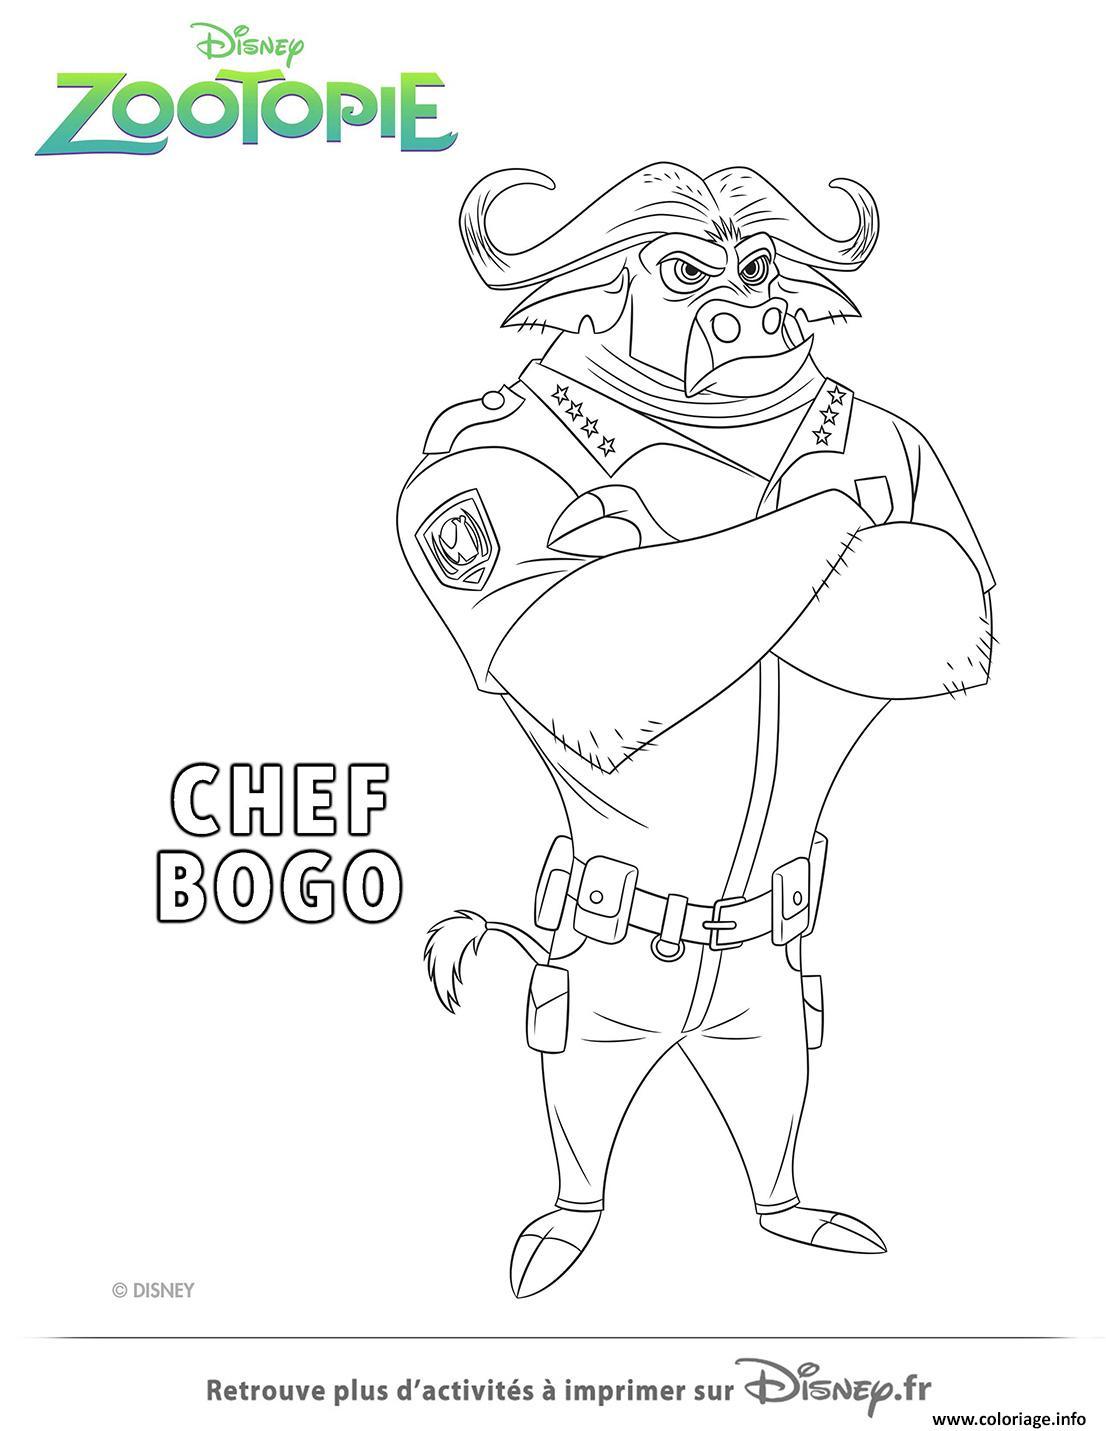 Coloriage chef bogo de la police de zootopie dessin - Coloriage a imprimer police ...